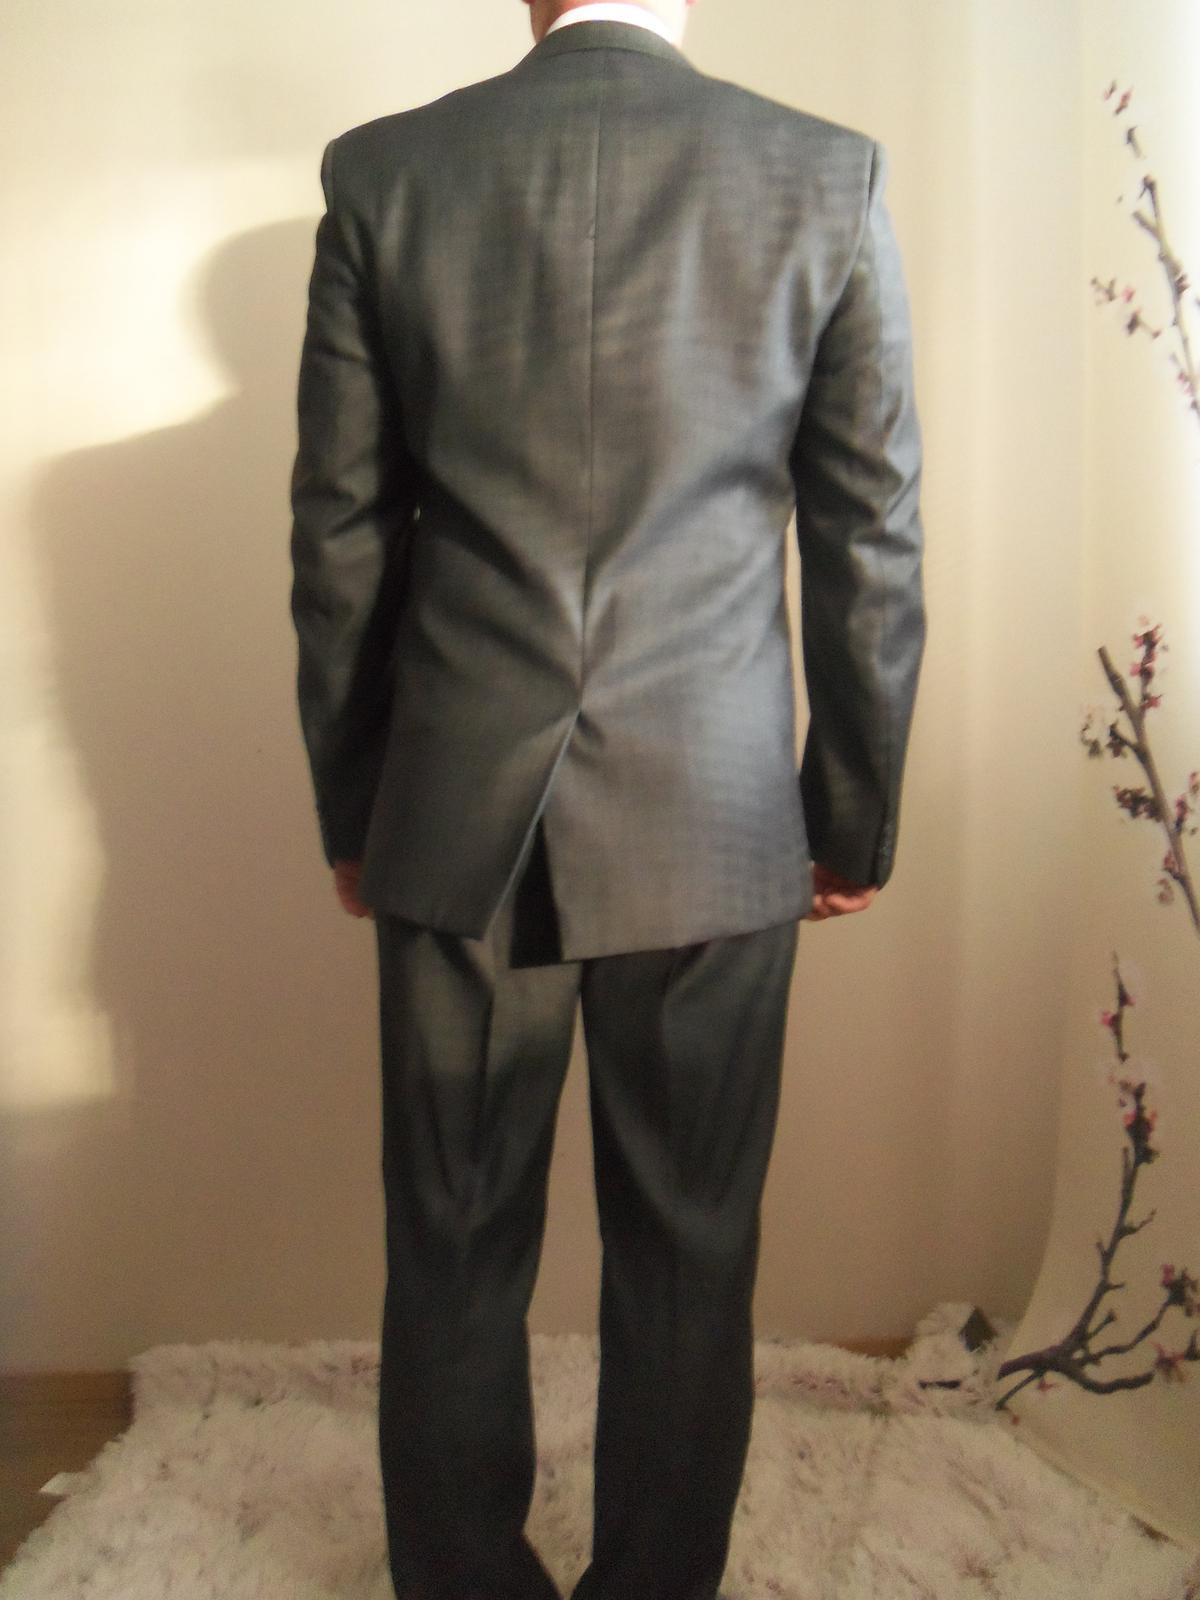 Pánsky oblek-svadobný aj bežné nosenie 182/96/82 - Obrázok č. 2